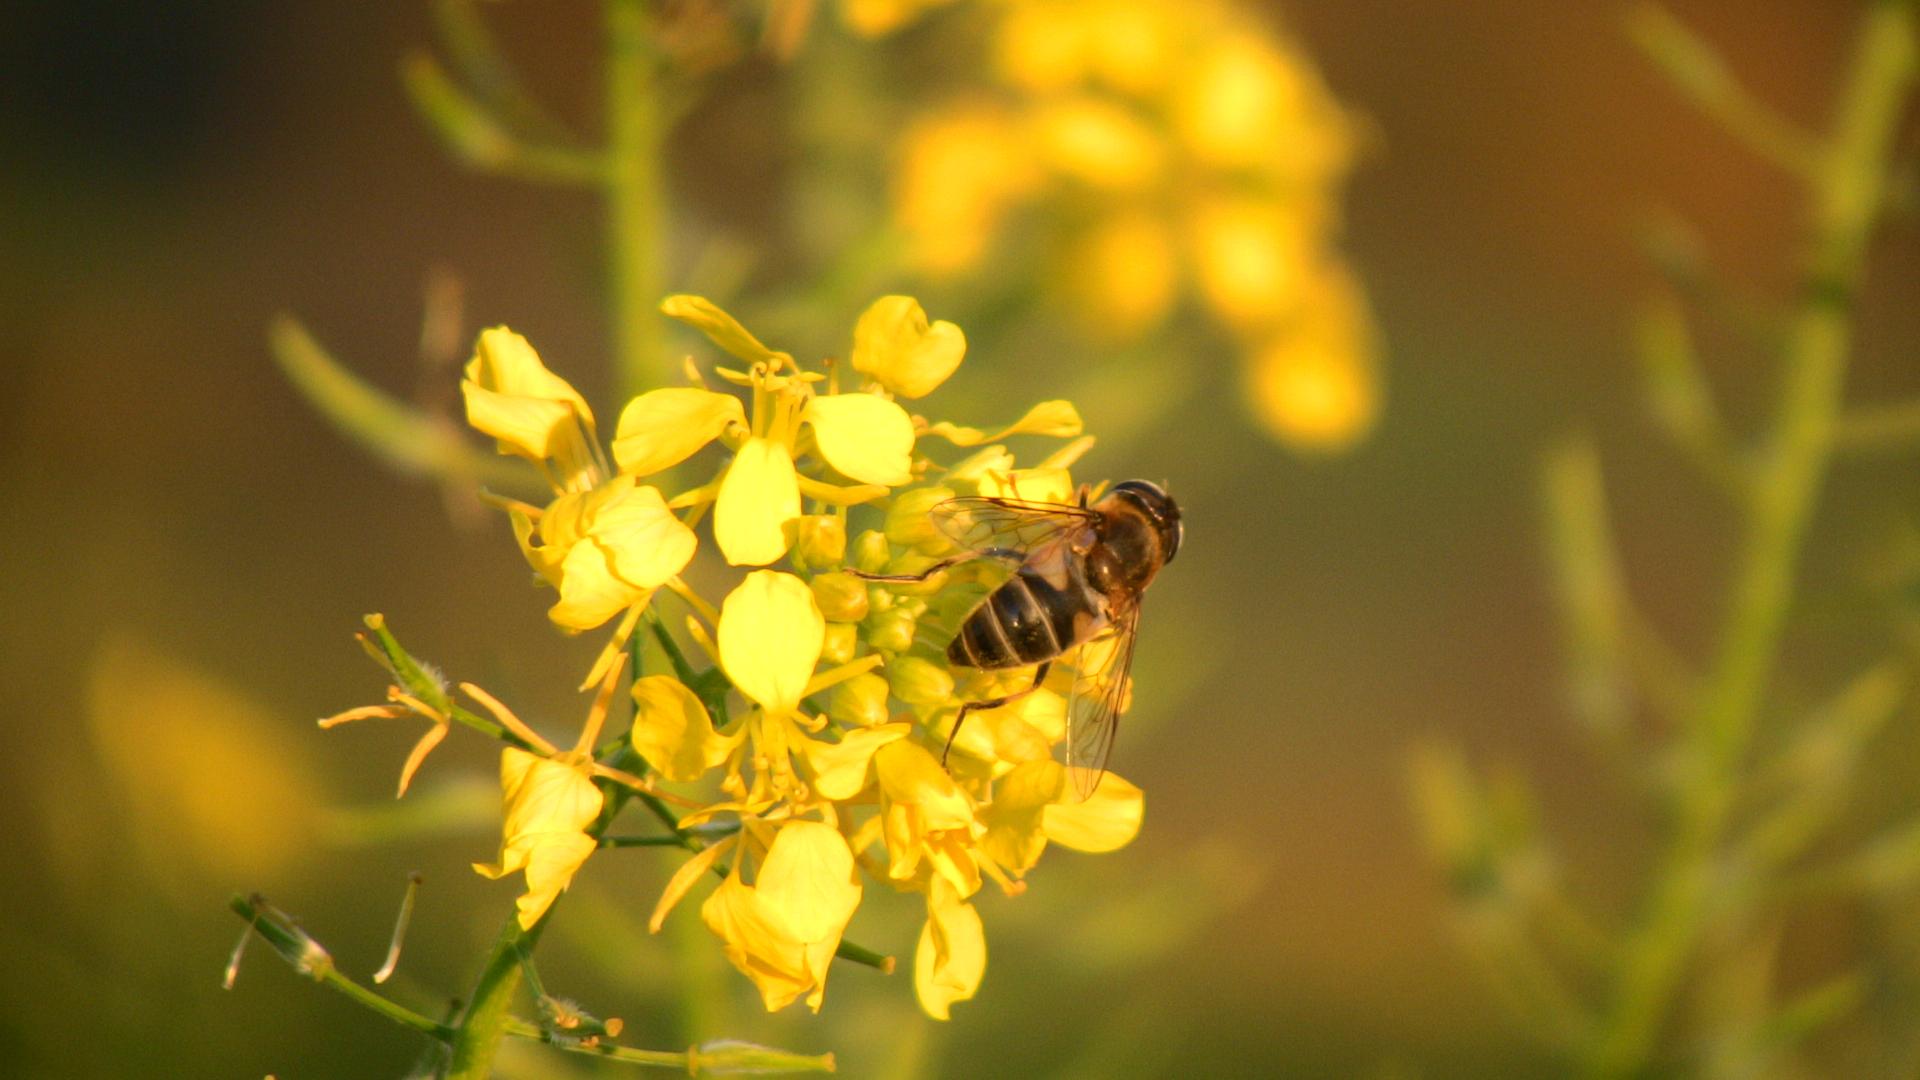 last minute-Biene beim Suchen und Finden